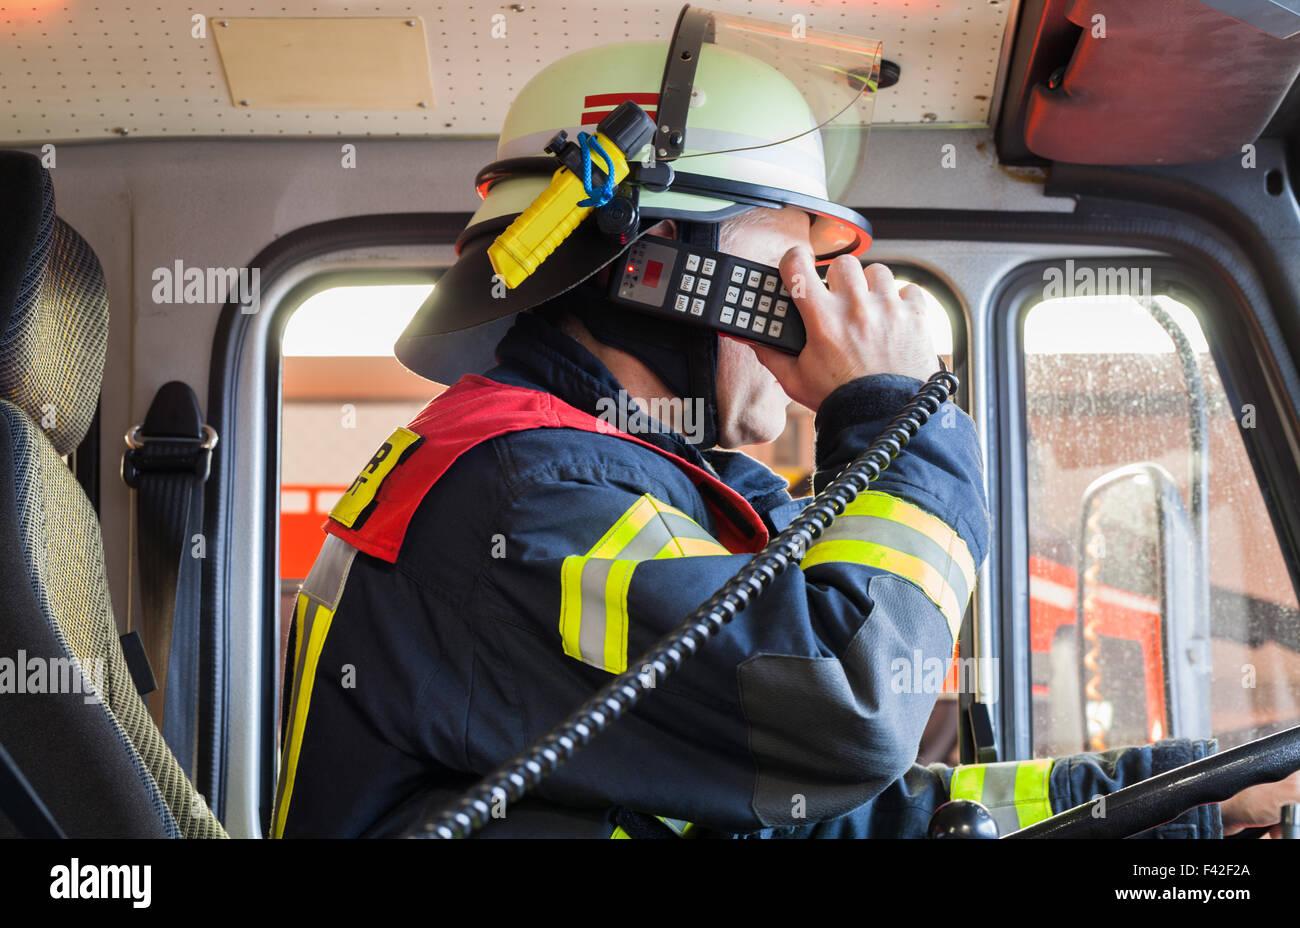 Feuerwehrmann in Aktion-Fahrzeug mit radio Stockbild